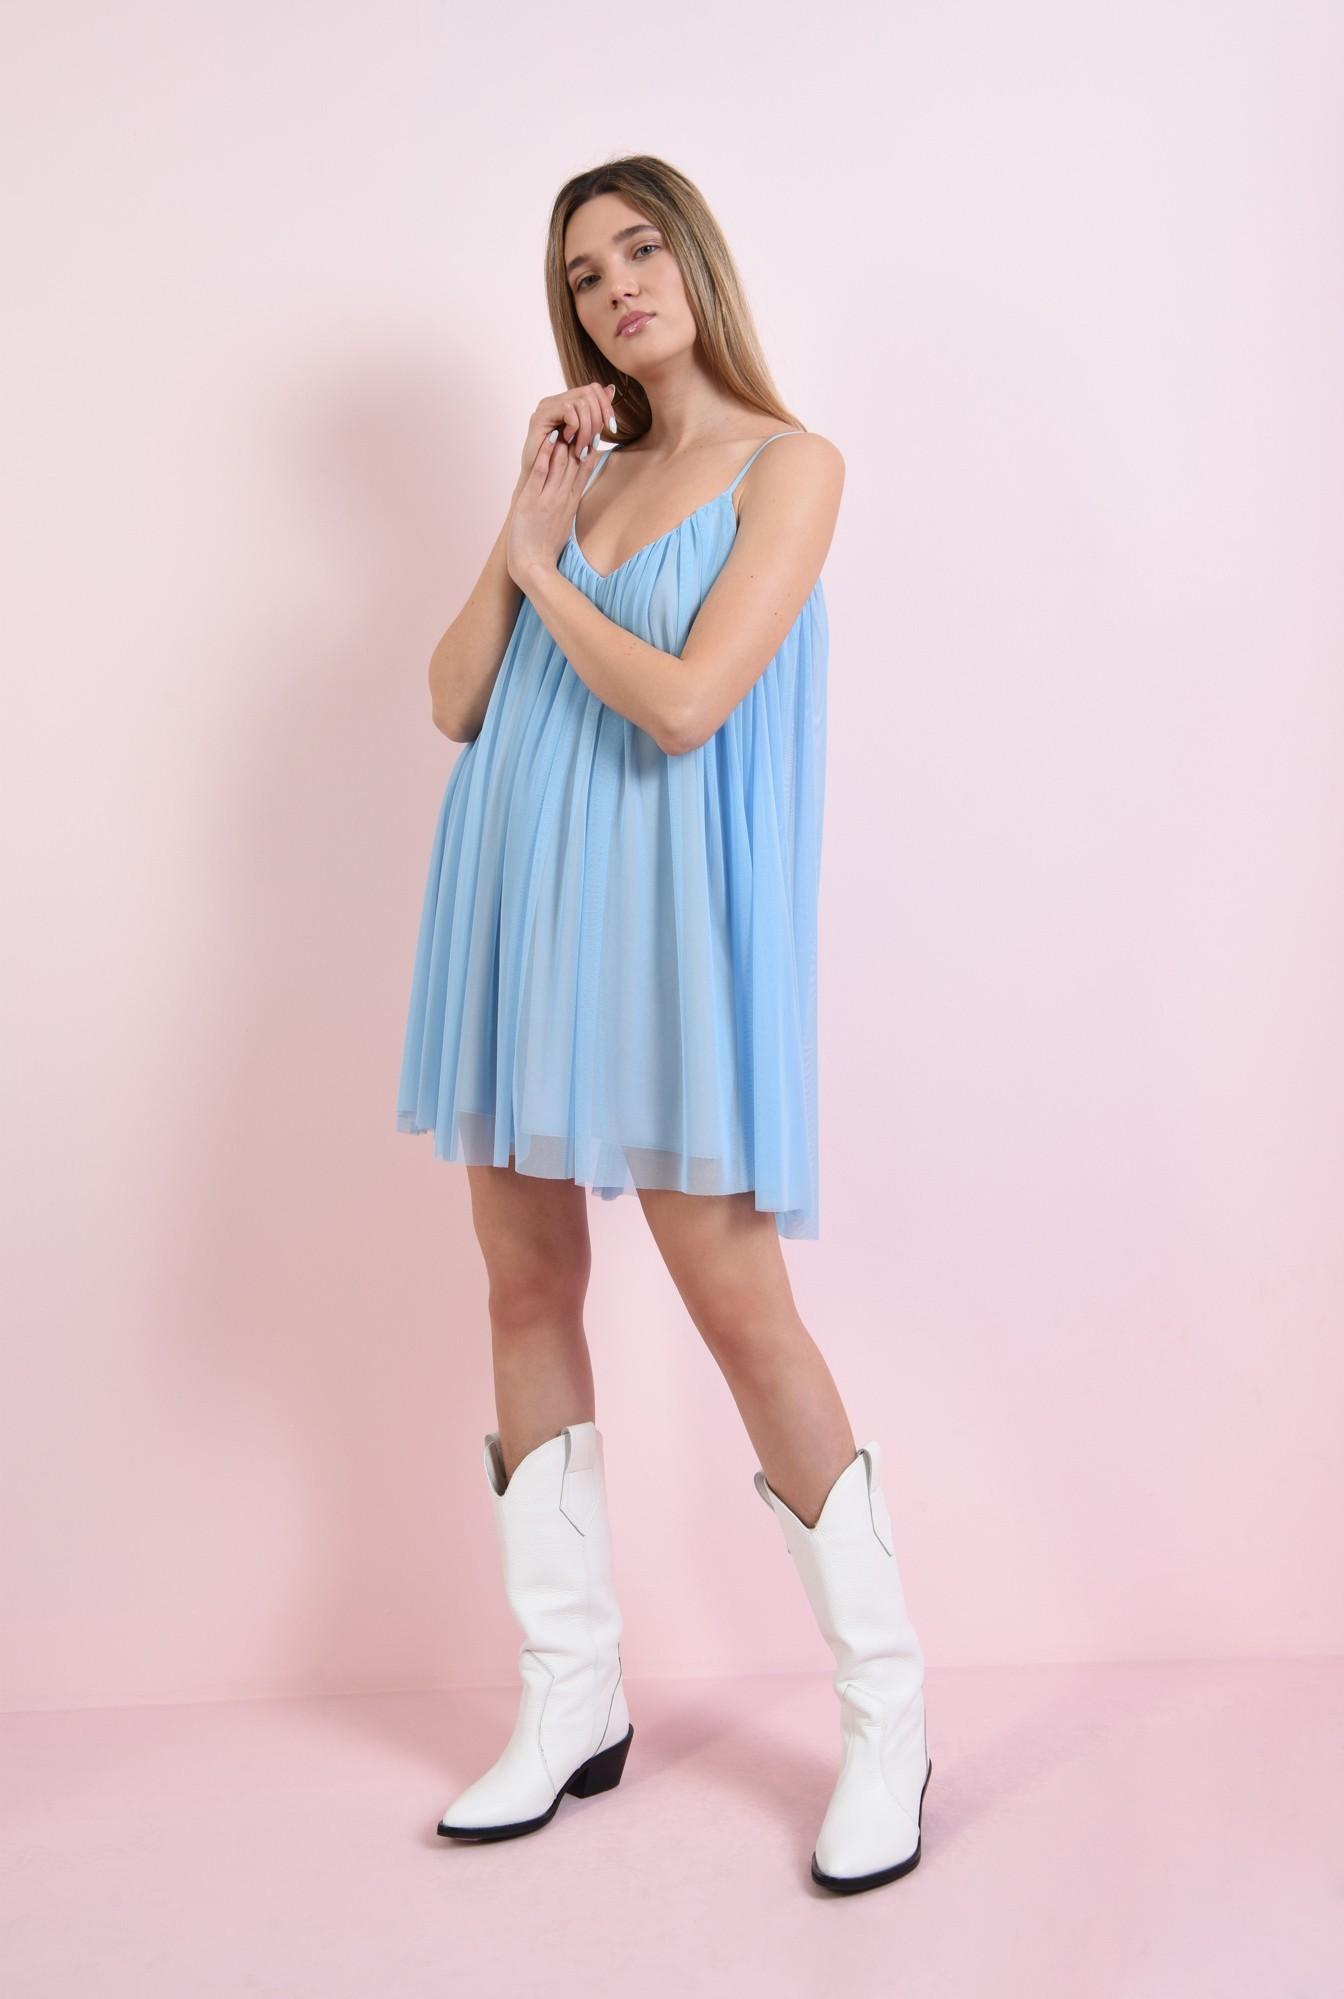 0 - rochie scurta, bleu, din tul